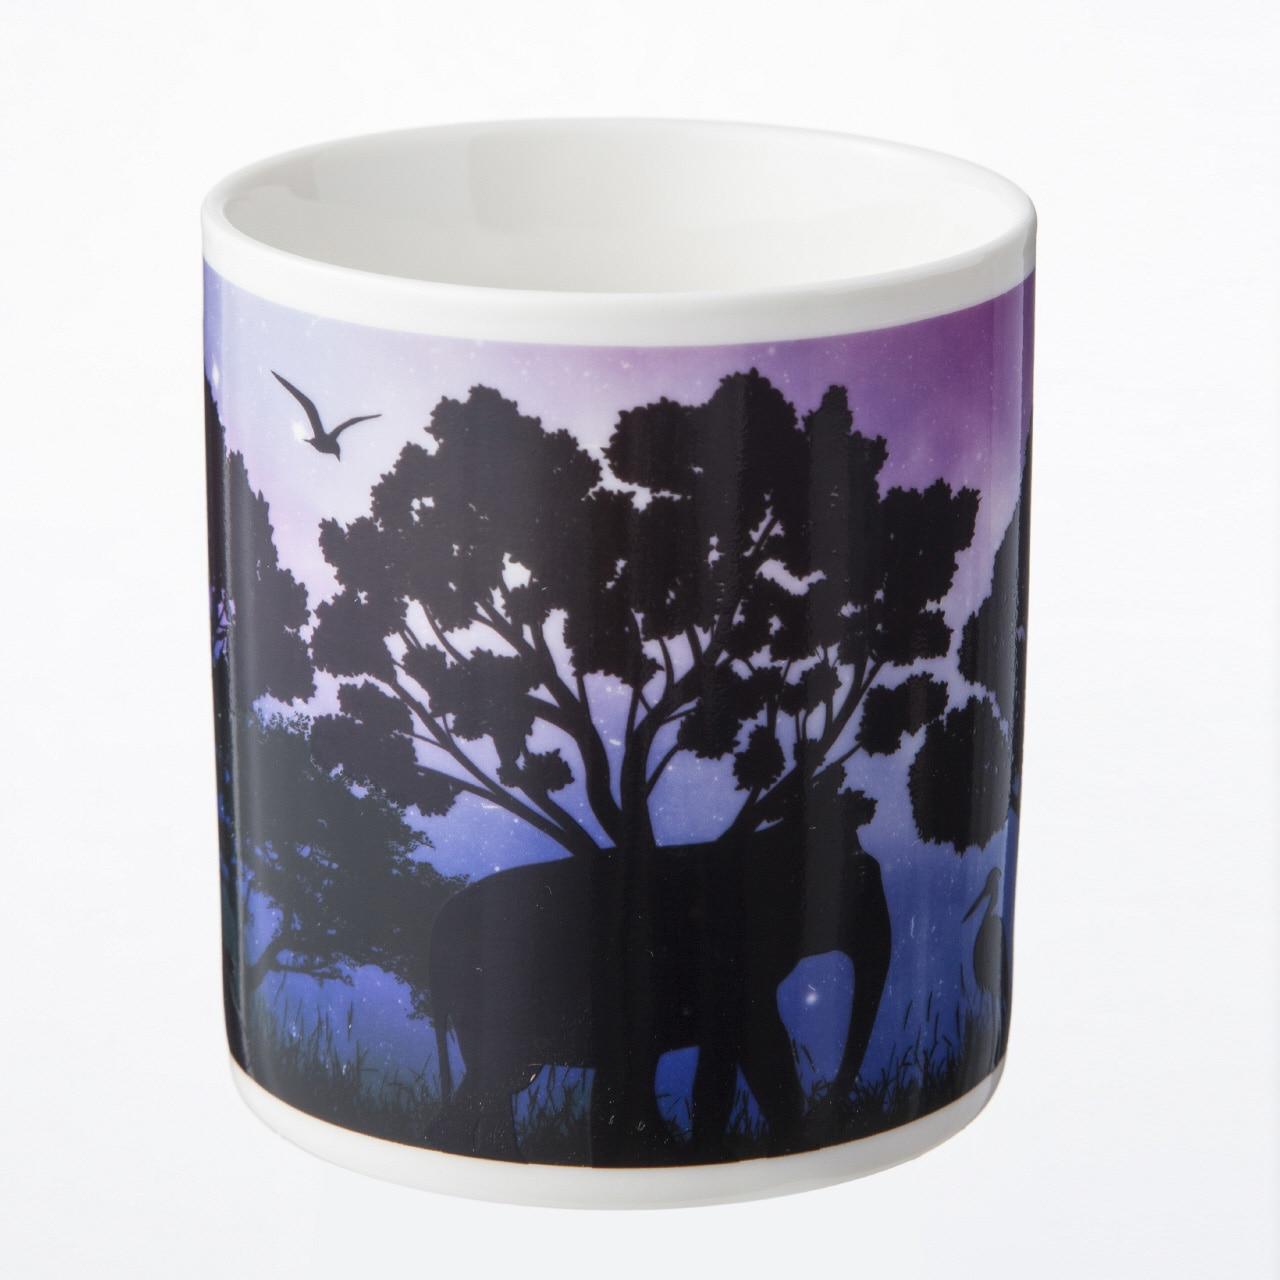 デザインが変わる魔法のマグカップ ナイトサファリ